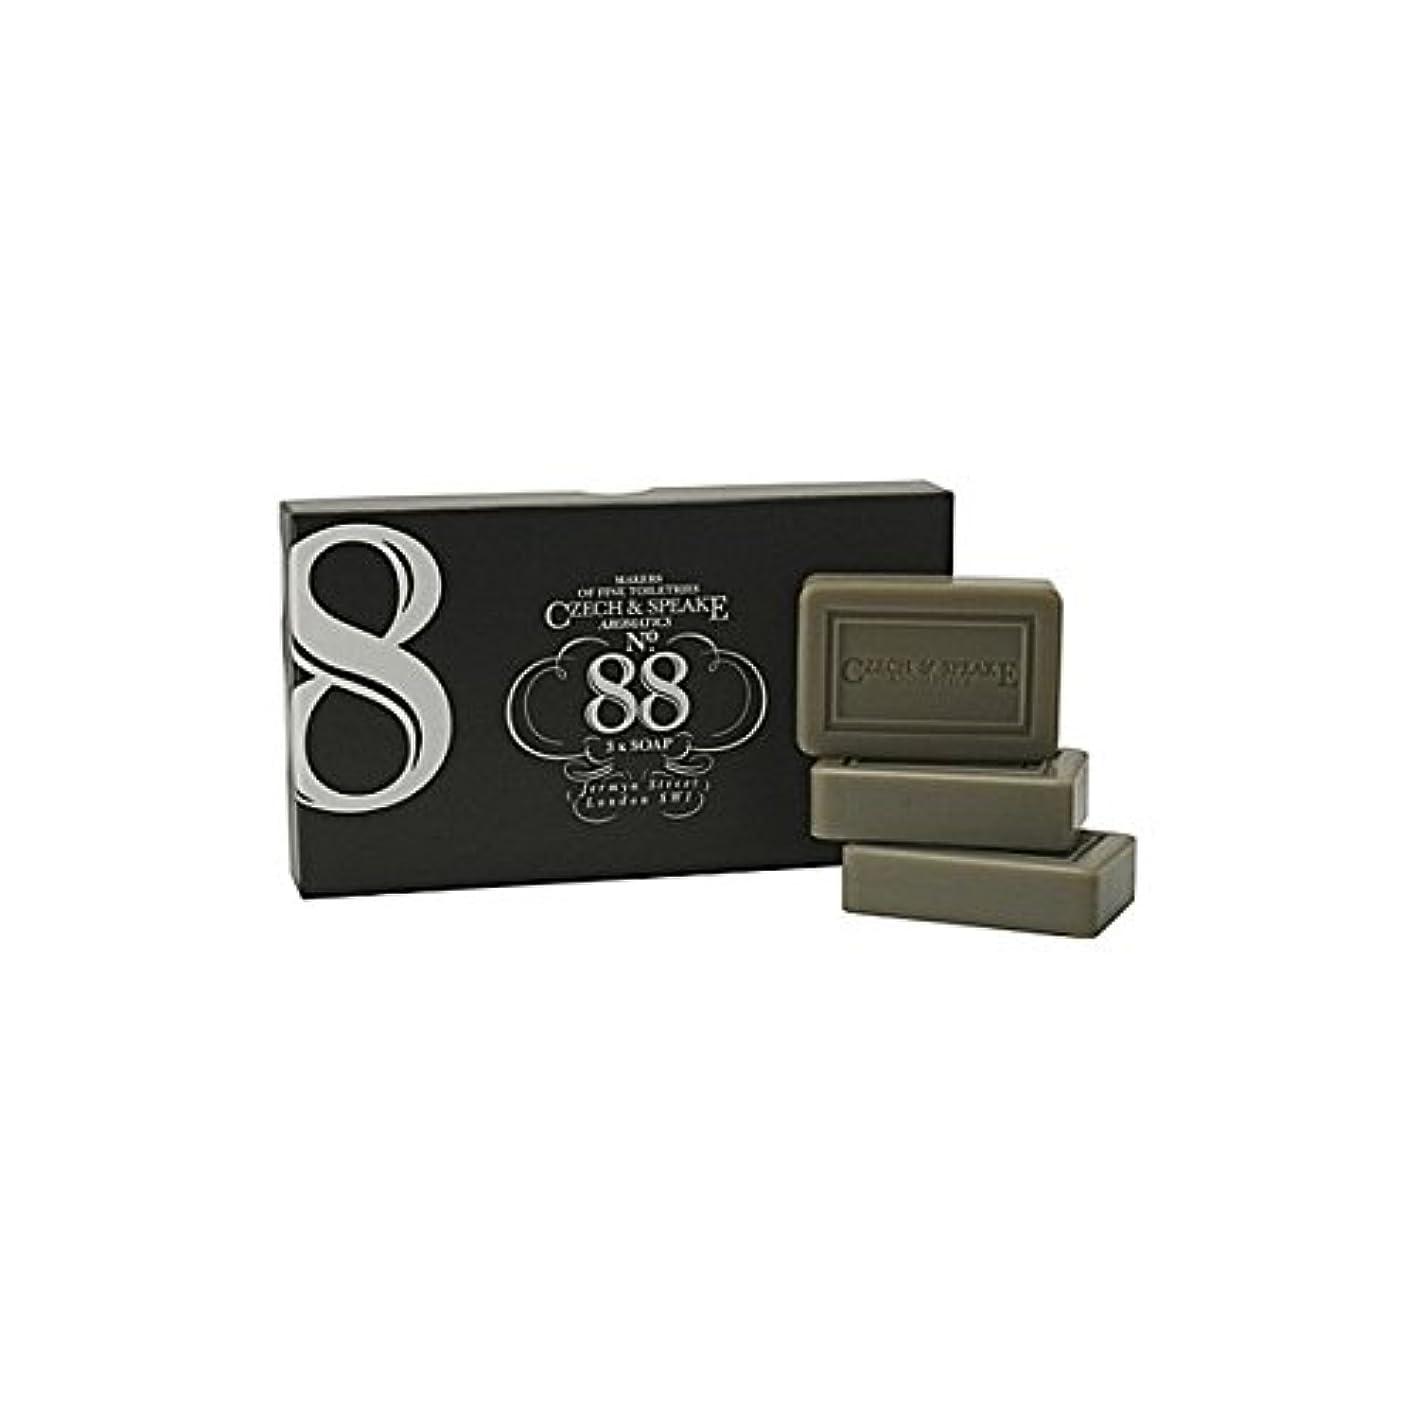 有料忍耐原子チェコ&スピーク.88ソープセット x4 - Czech & Speake No.88 Soap Set (Pack of 4) [並行輸入品]